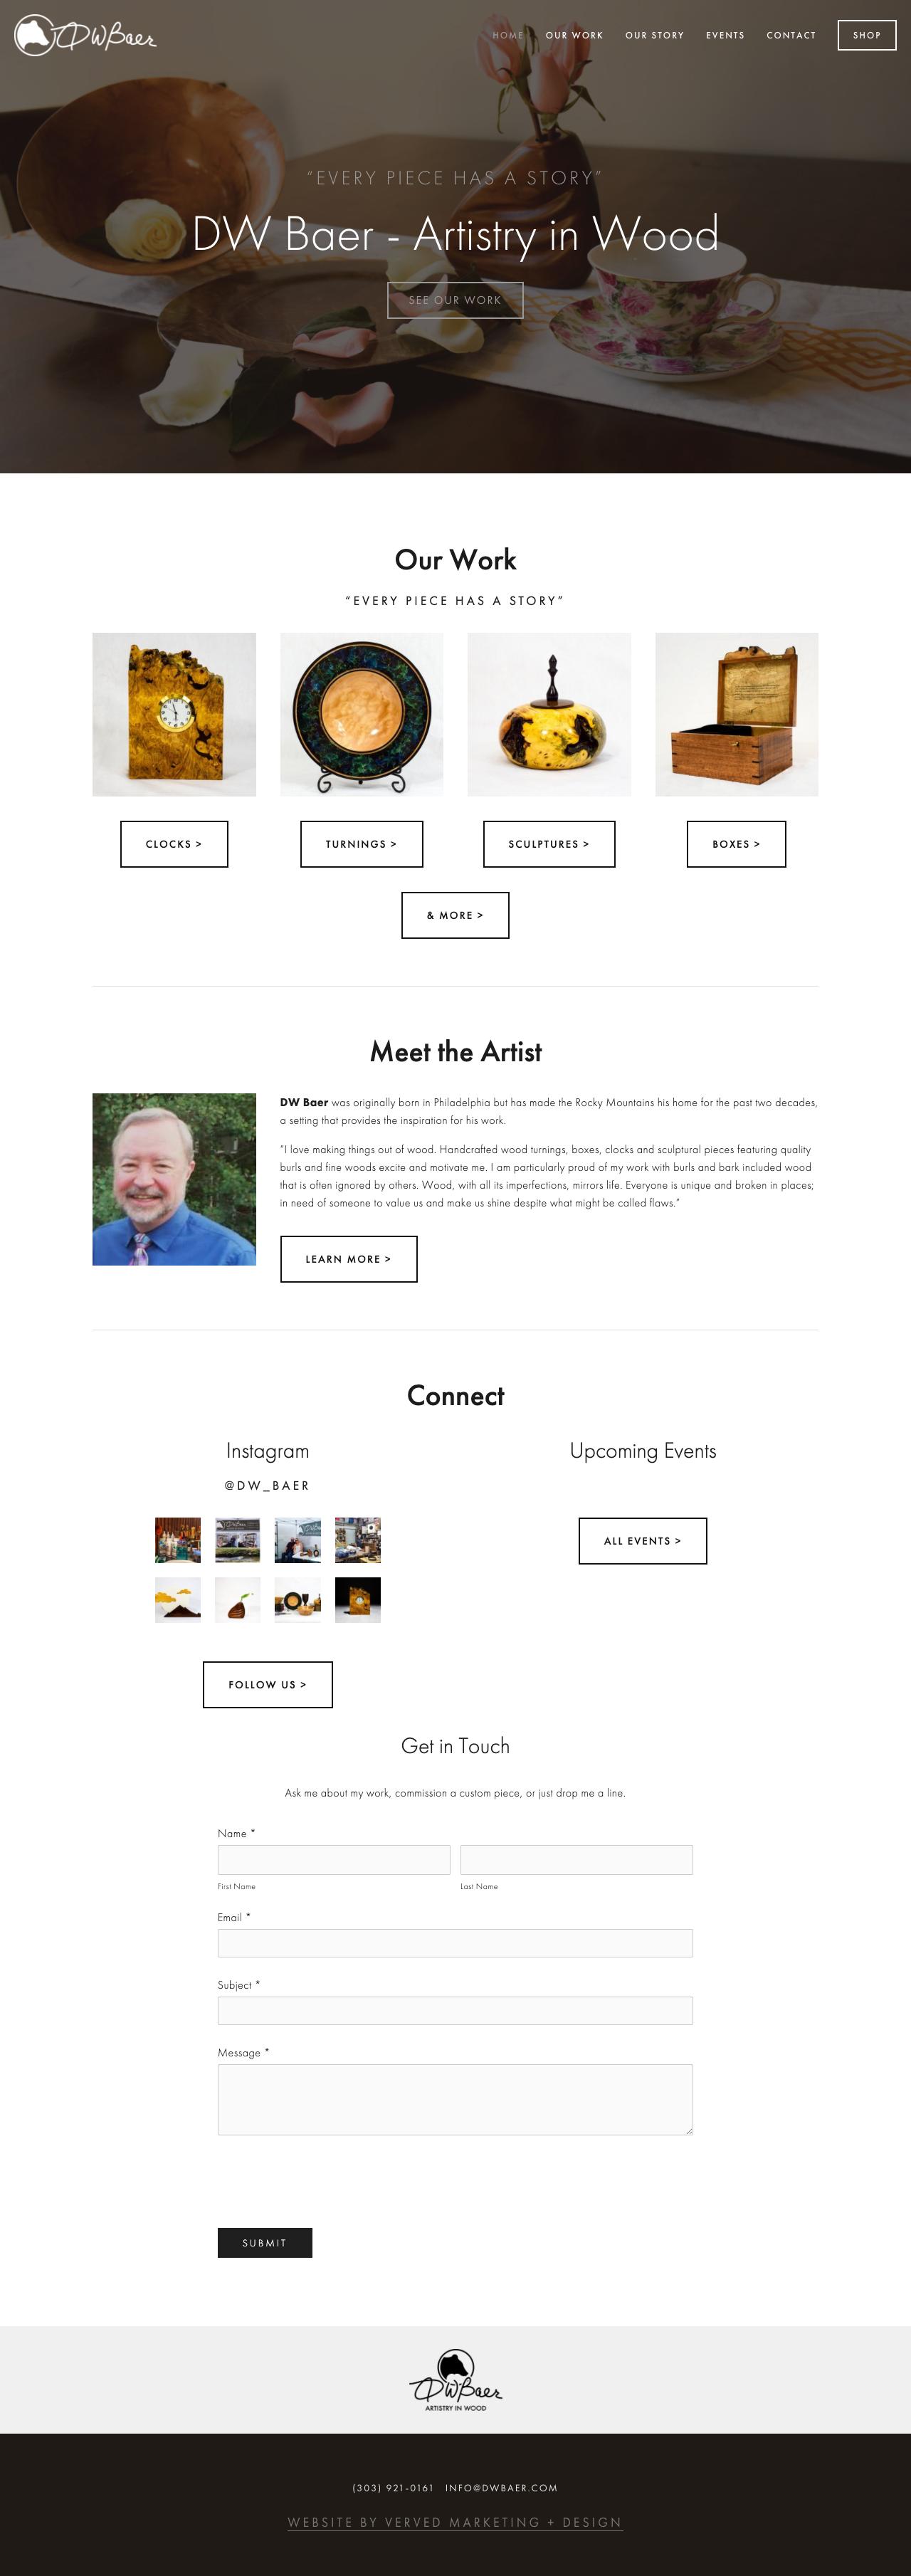 dwbaer.com